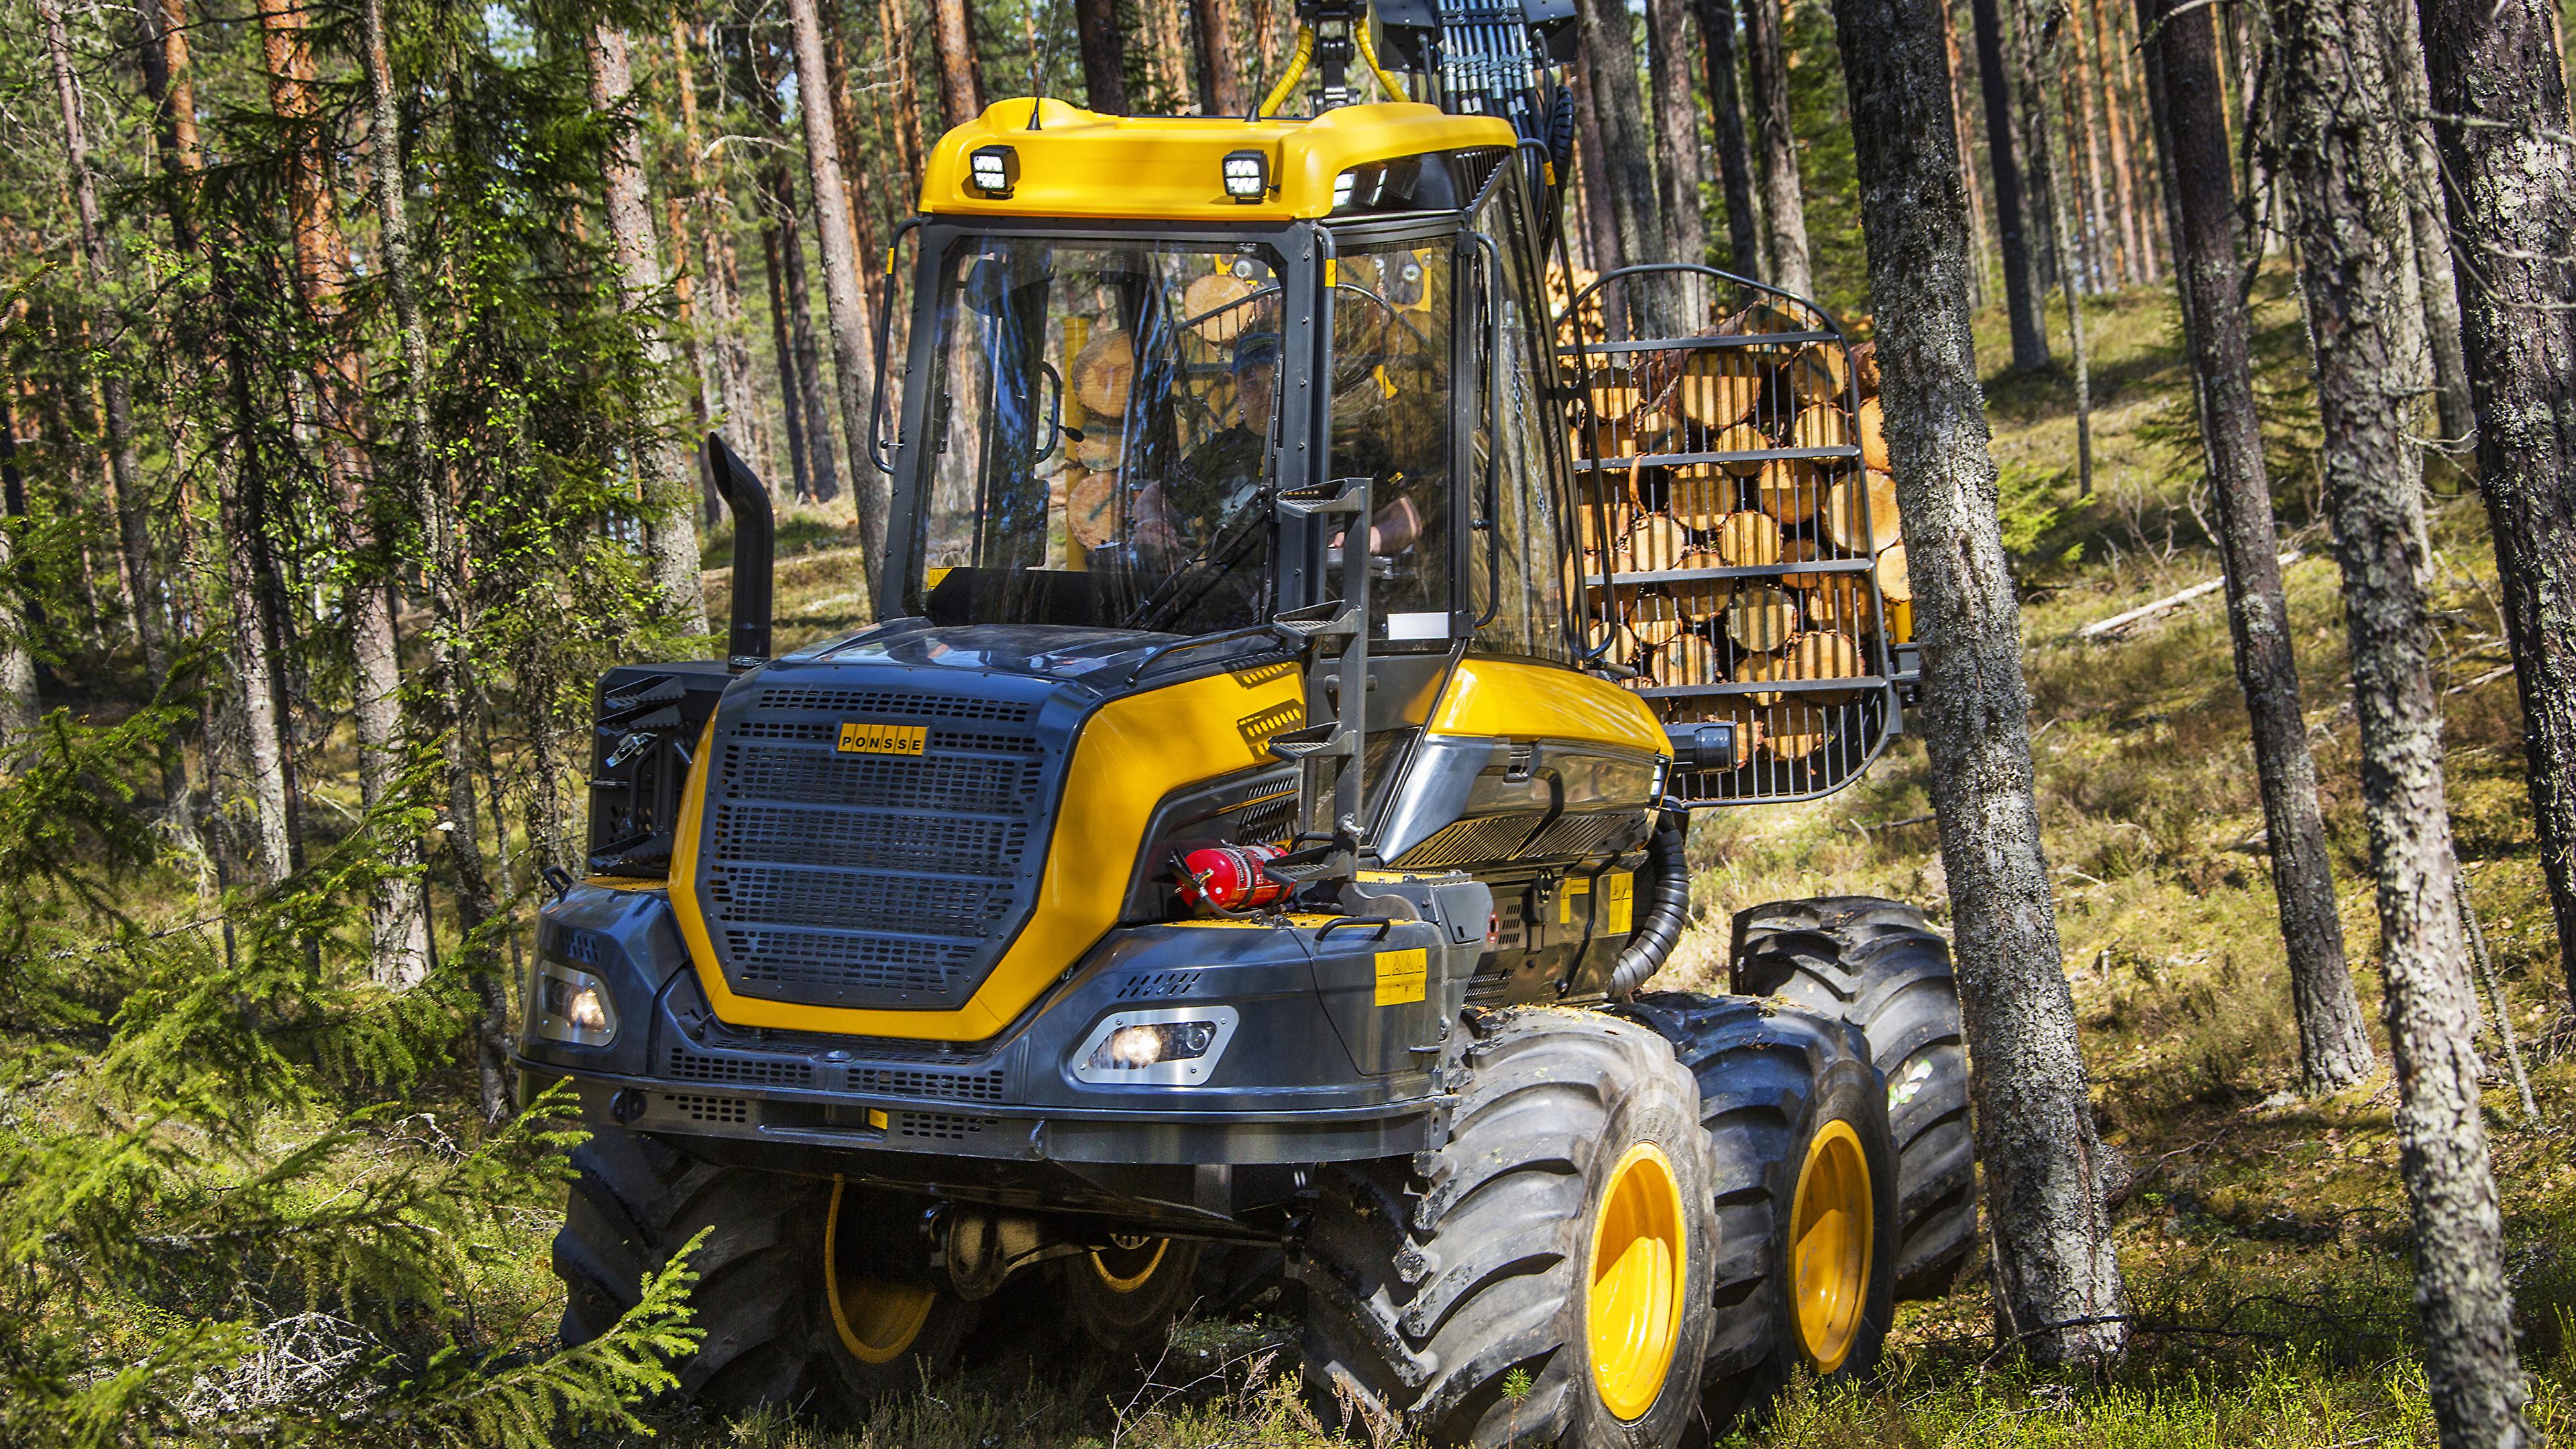 Картинка Форвардер 2014-17 Ponsse Wisent 8w Леса Деревья 3840x2160 лес дерево дерева деревьев